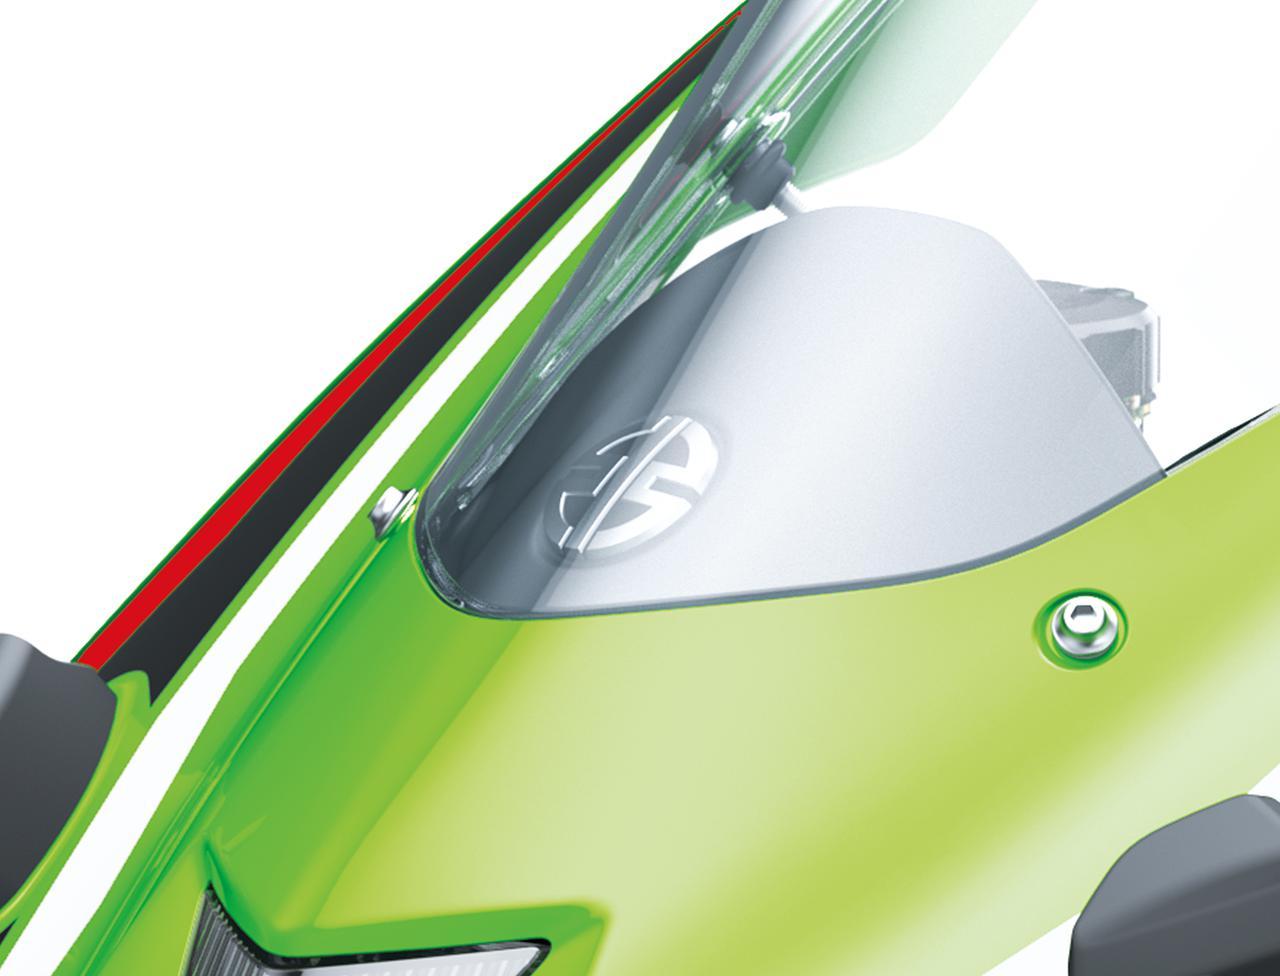 画像1: カワサキ「Ninja ZX-10R」(2021年モデル)概要